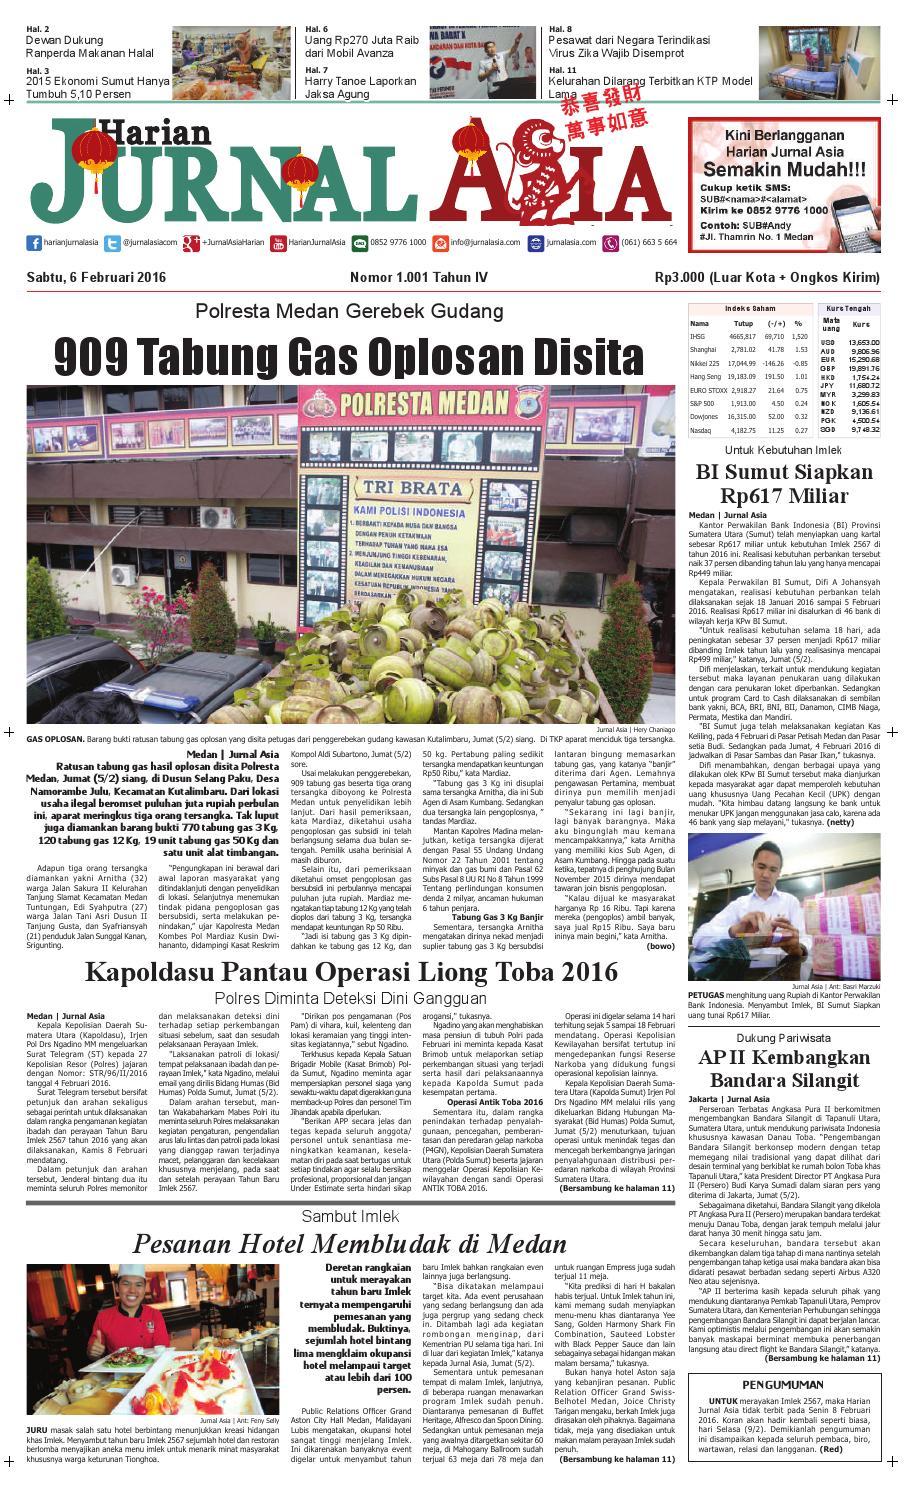 Harian Jurnal Asia Edisi Sabtu 06 Februari 2016 By Harian